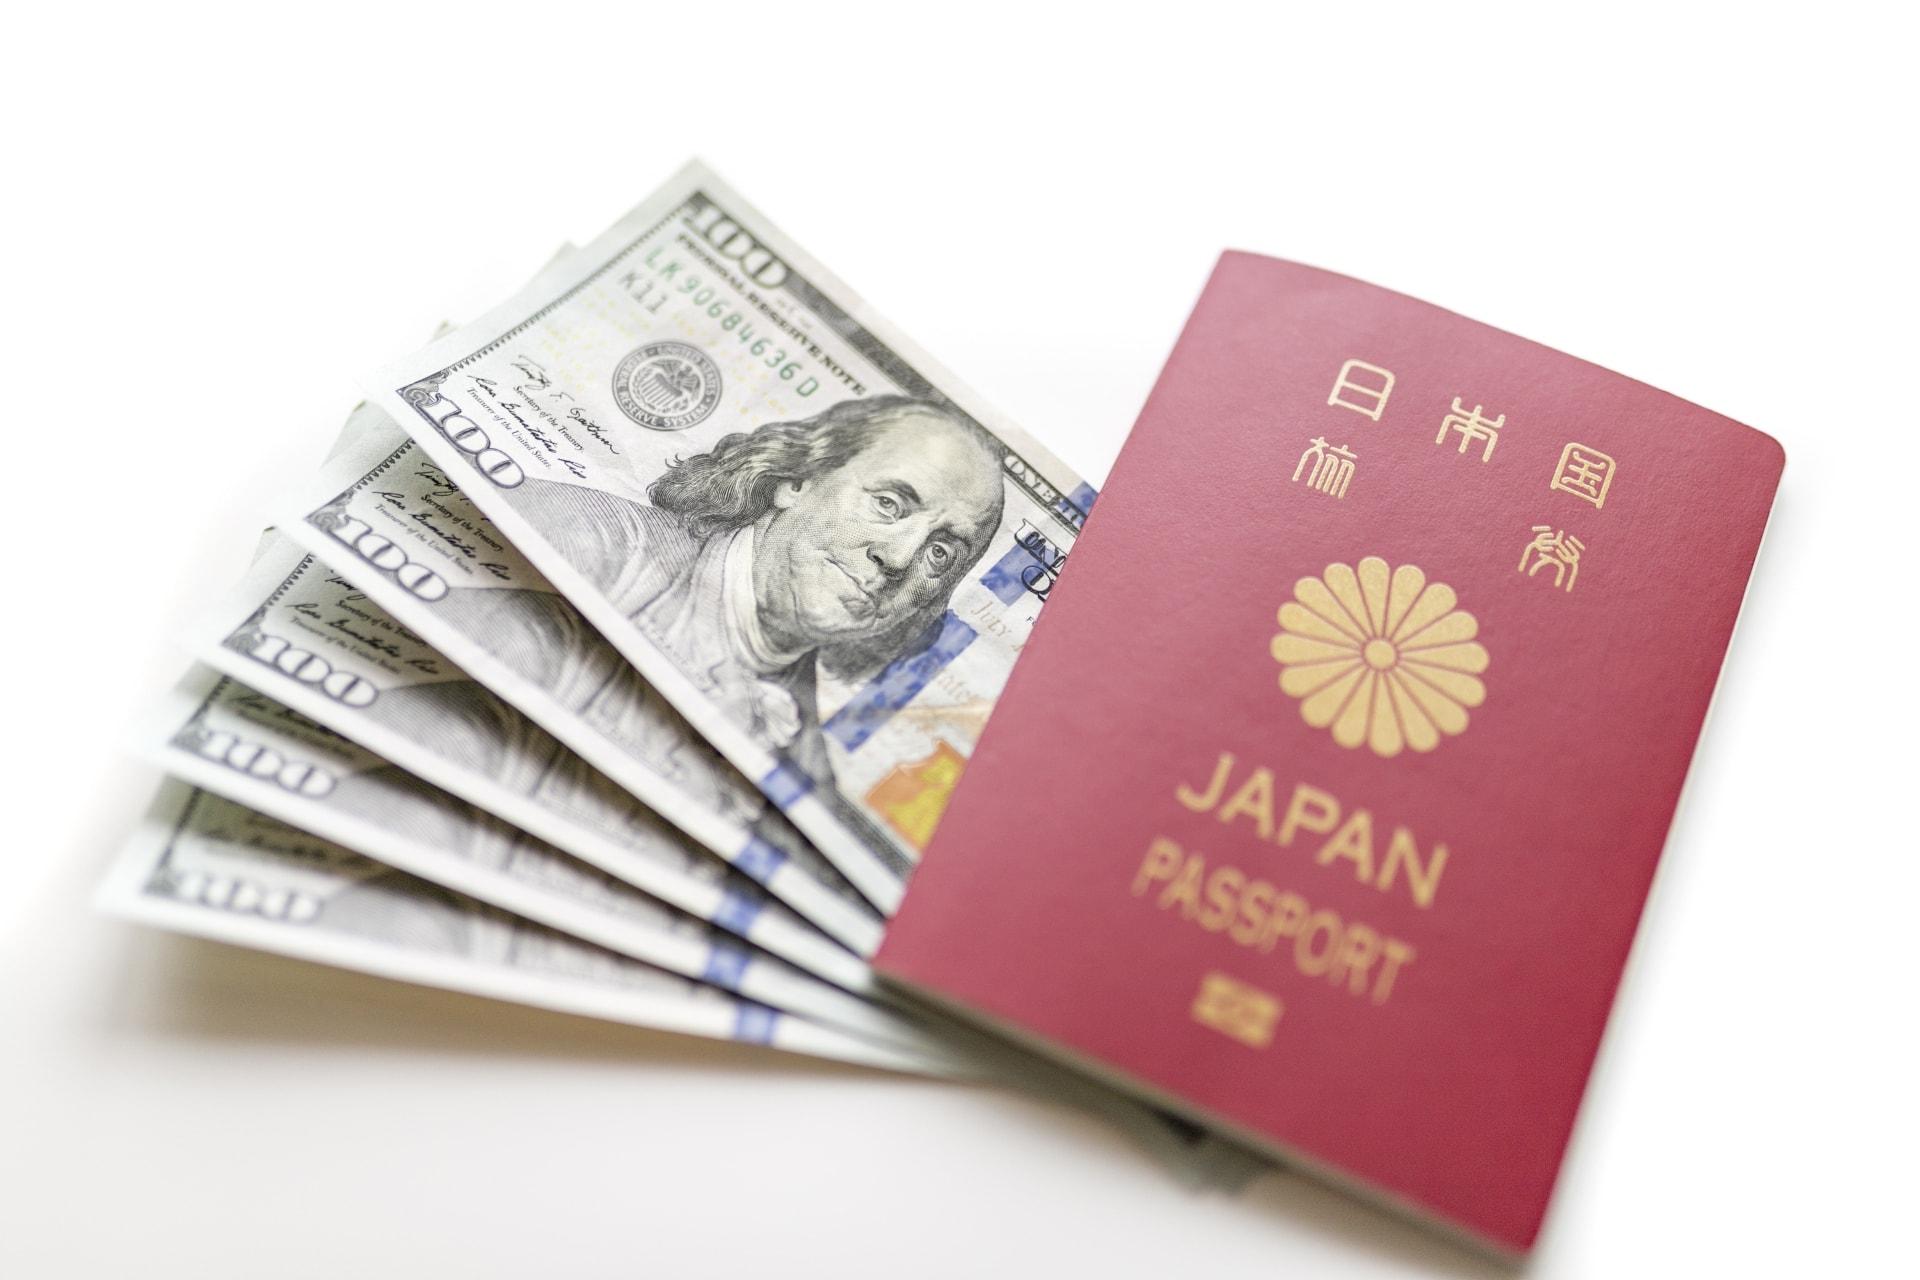 【海外旅行保険】海外でのトラブルはこんなに大変!